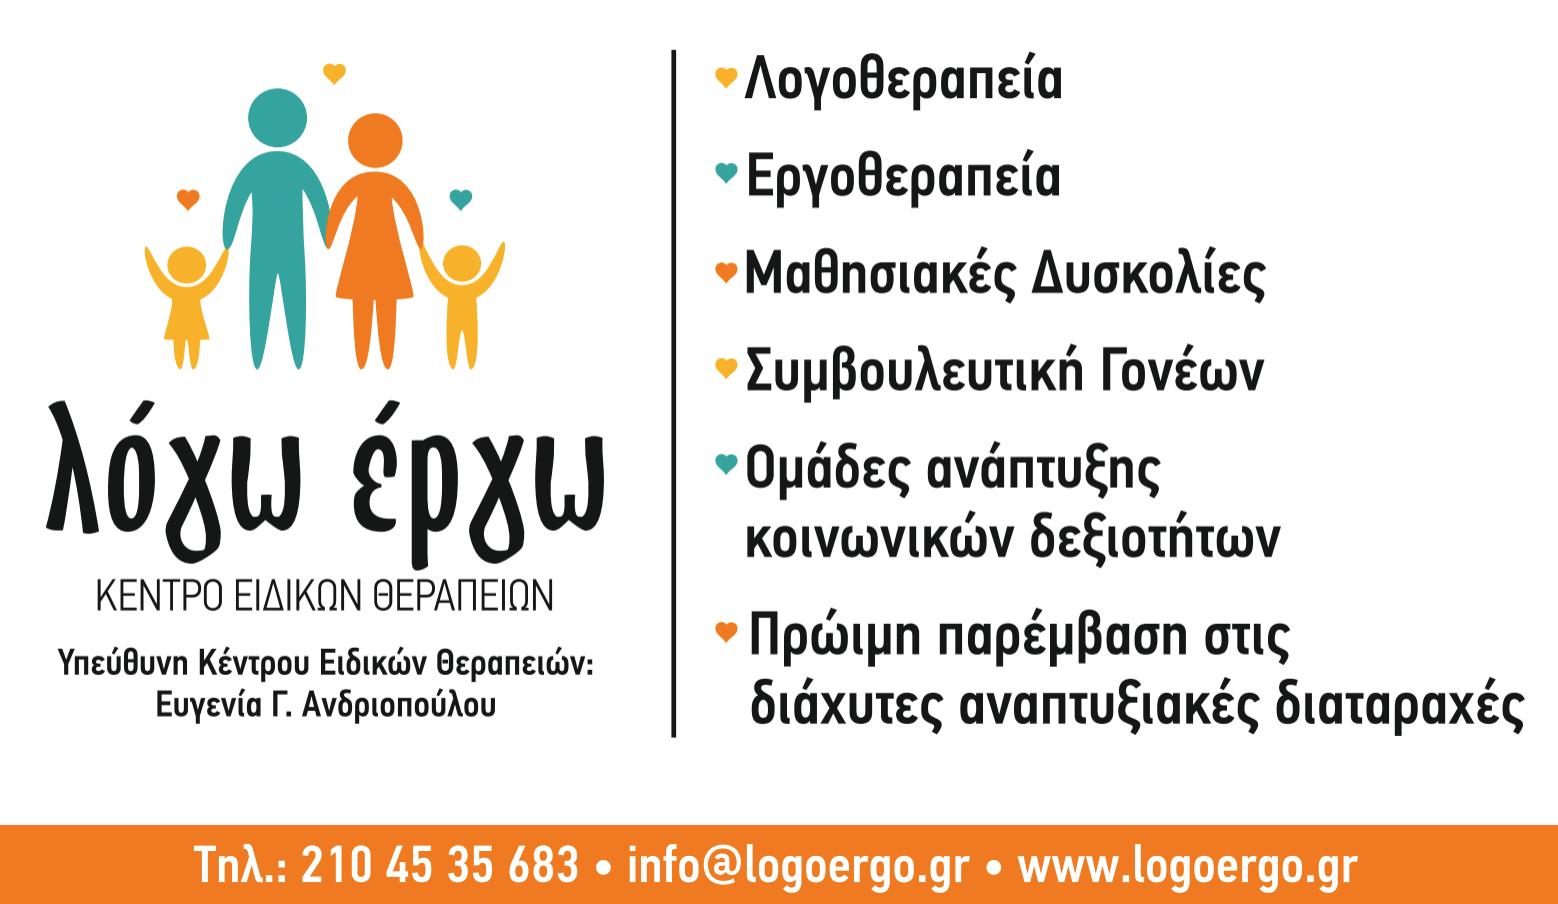 Λογότυπο Κέντρου ΛΟΓΩ-ΕΡΓΩ στην Καλλίπολη Πειραιά, Οδηγό υπηρεσιών ΠΡΟΝΟΗΣΕ